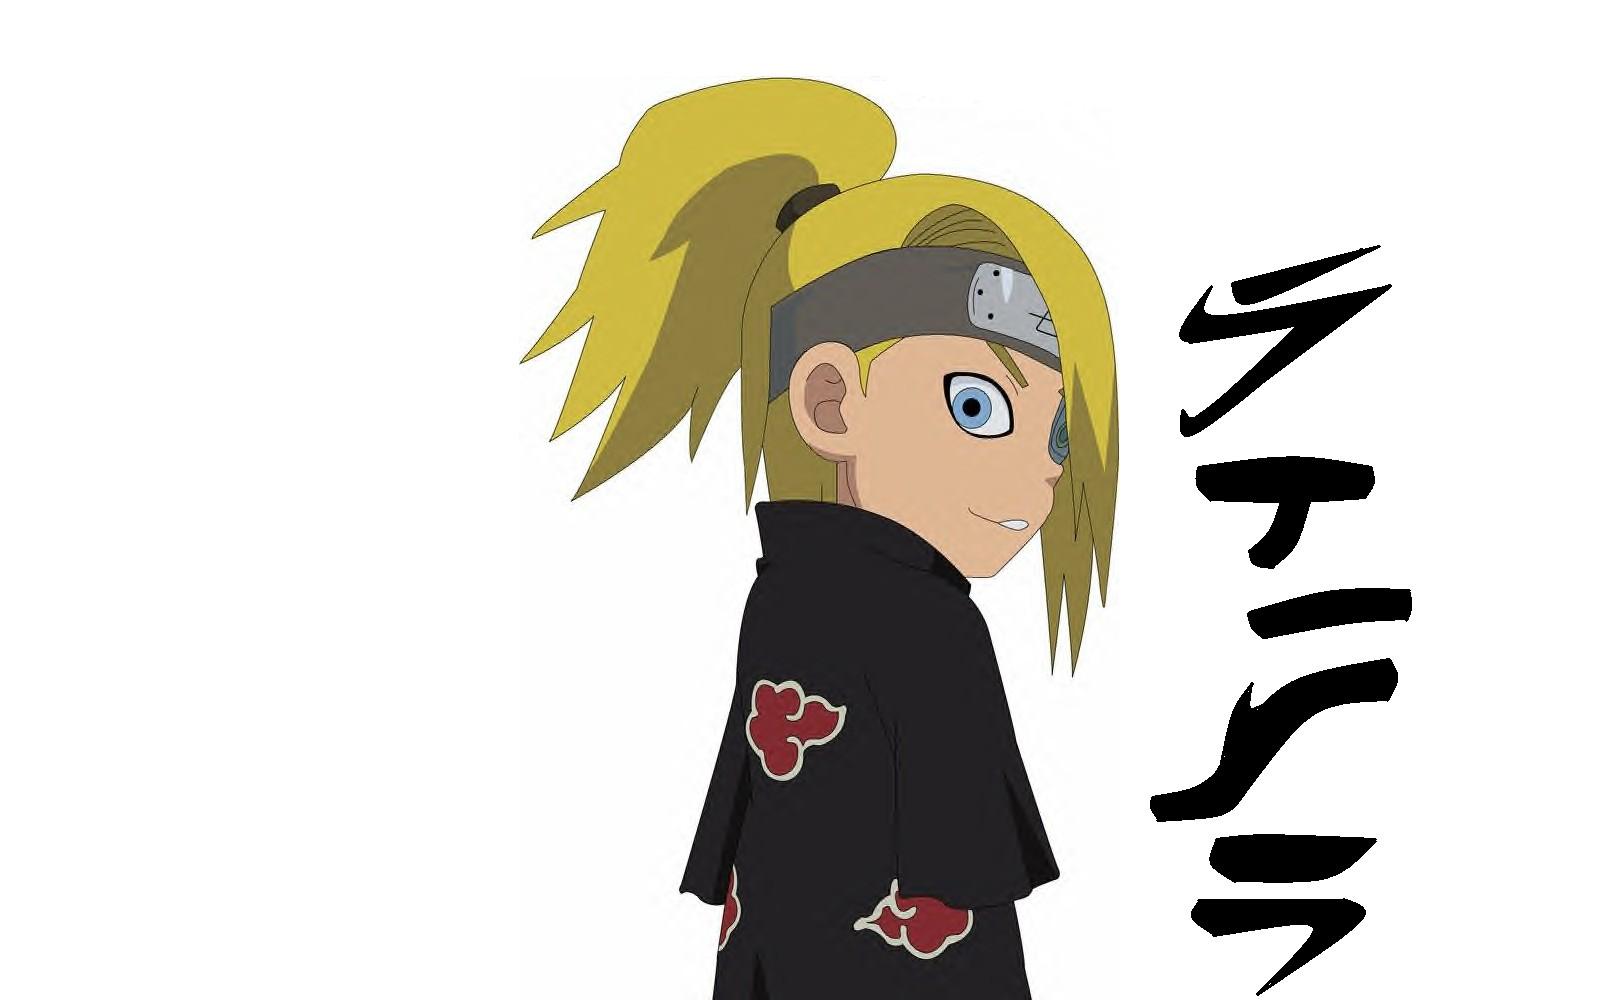 Chibi Naruto Wallpaper Chibi Naruto Akatsuki Deidara Naruto Chibi Naruto Shippuden Anime 1600x1000 Download Hd Wallpaper Wallpapertip